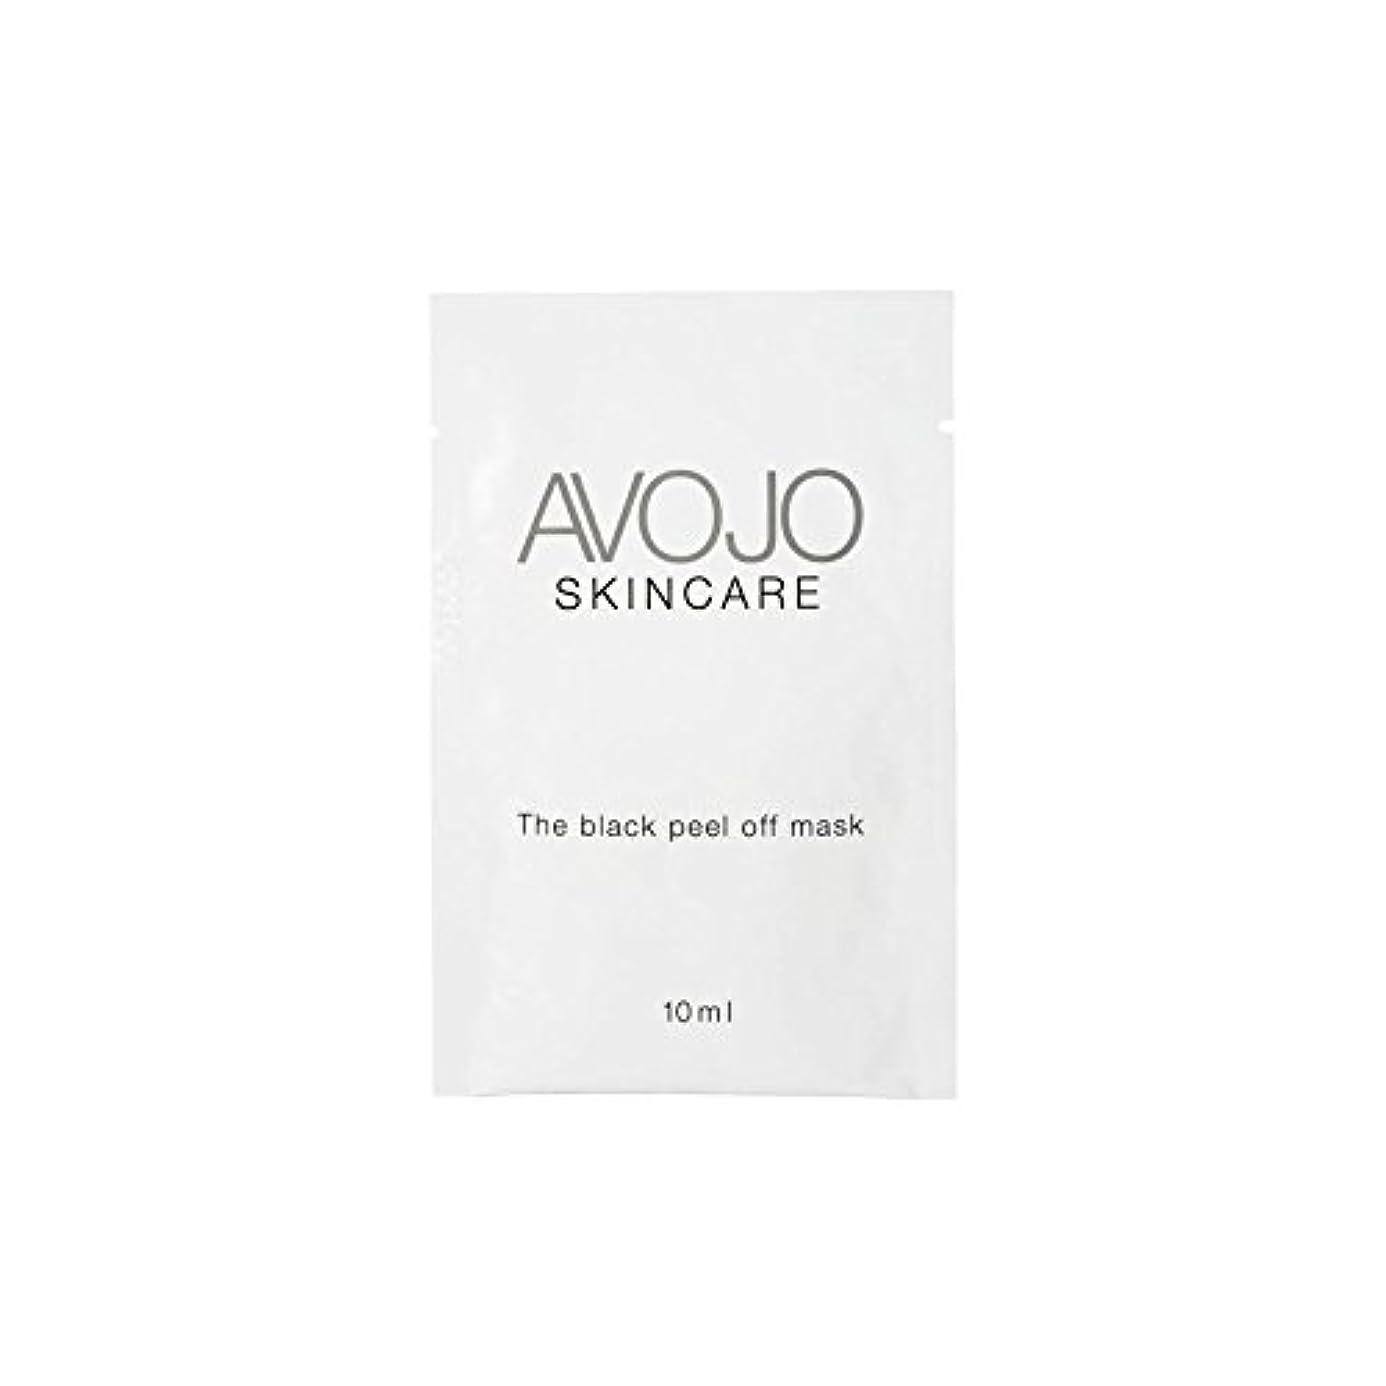 チャーム移住する証人- ブラックピールオフマスク - 小袋(10ミリリットル×4) x4 - Avojo - The Black Peel Off Mask - Sachet (10ml X 4) (Pack of 4) [並行輸入品]